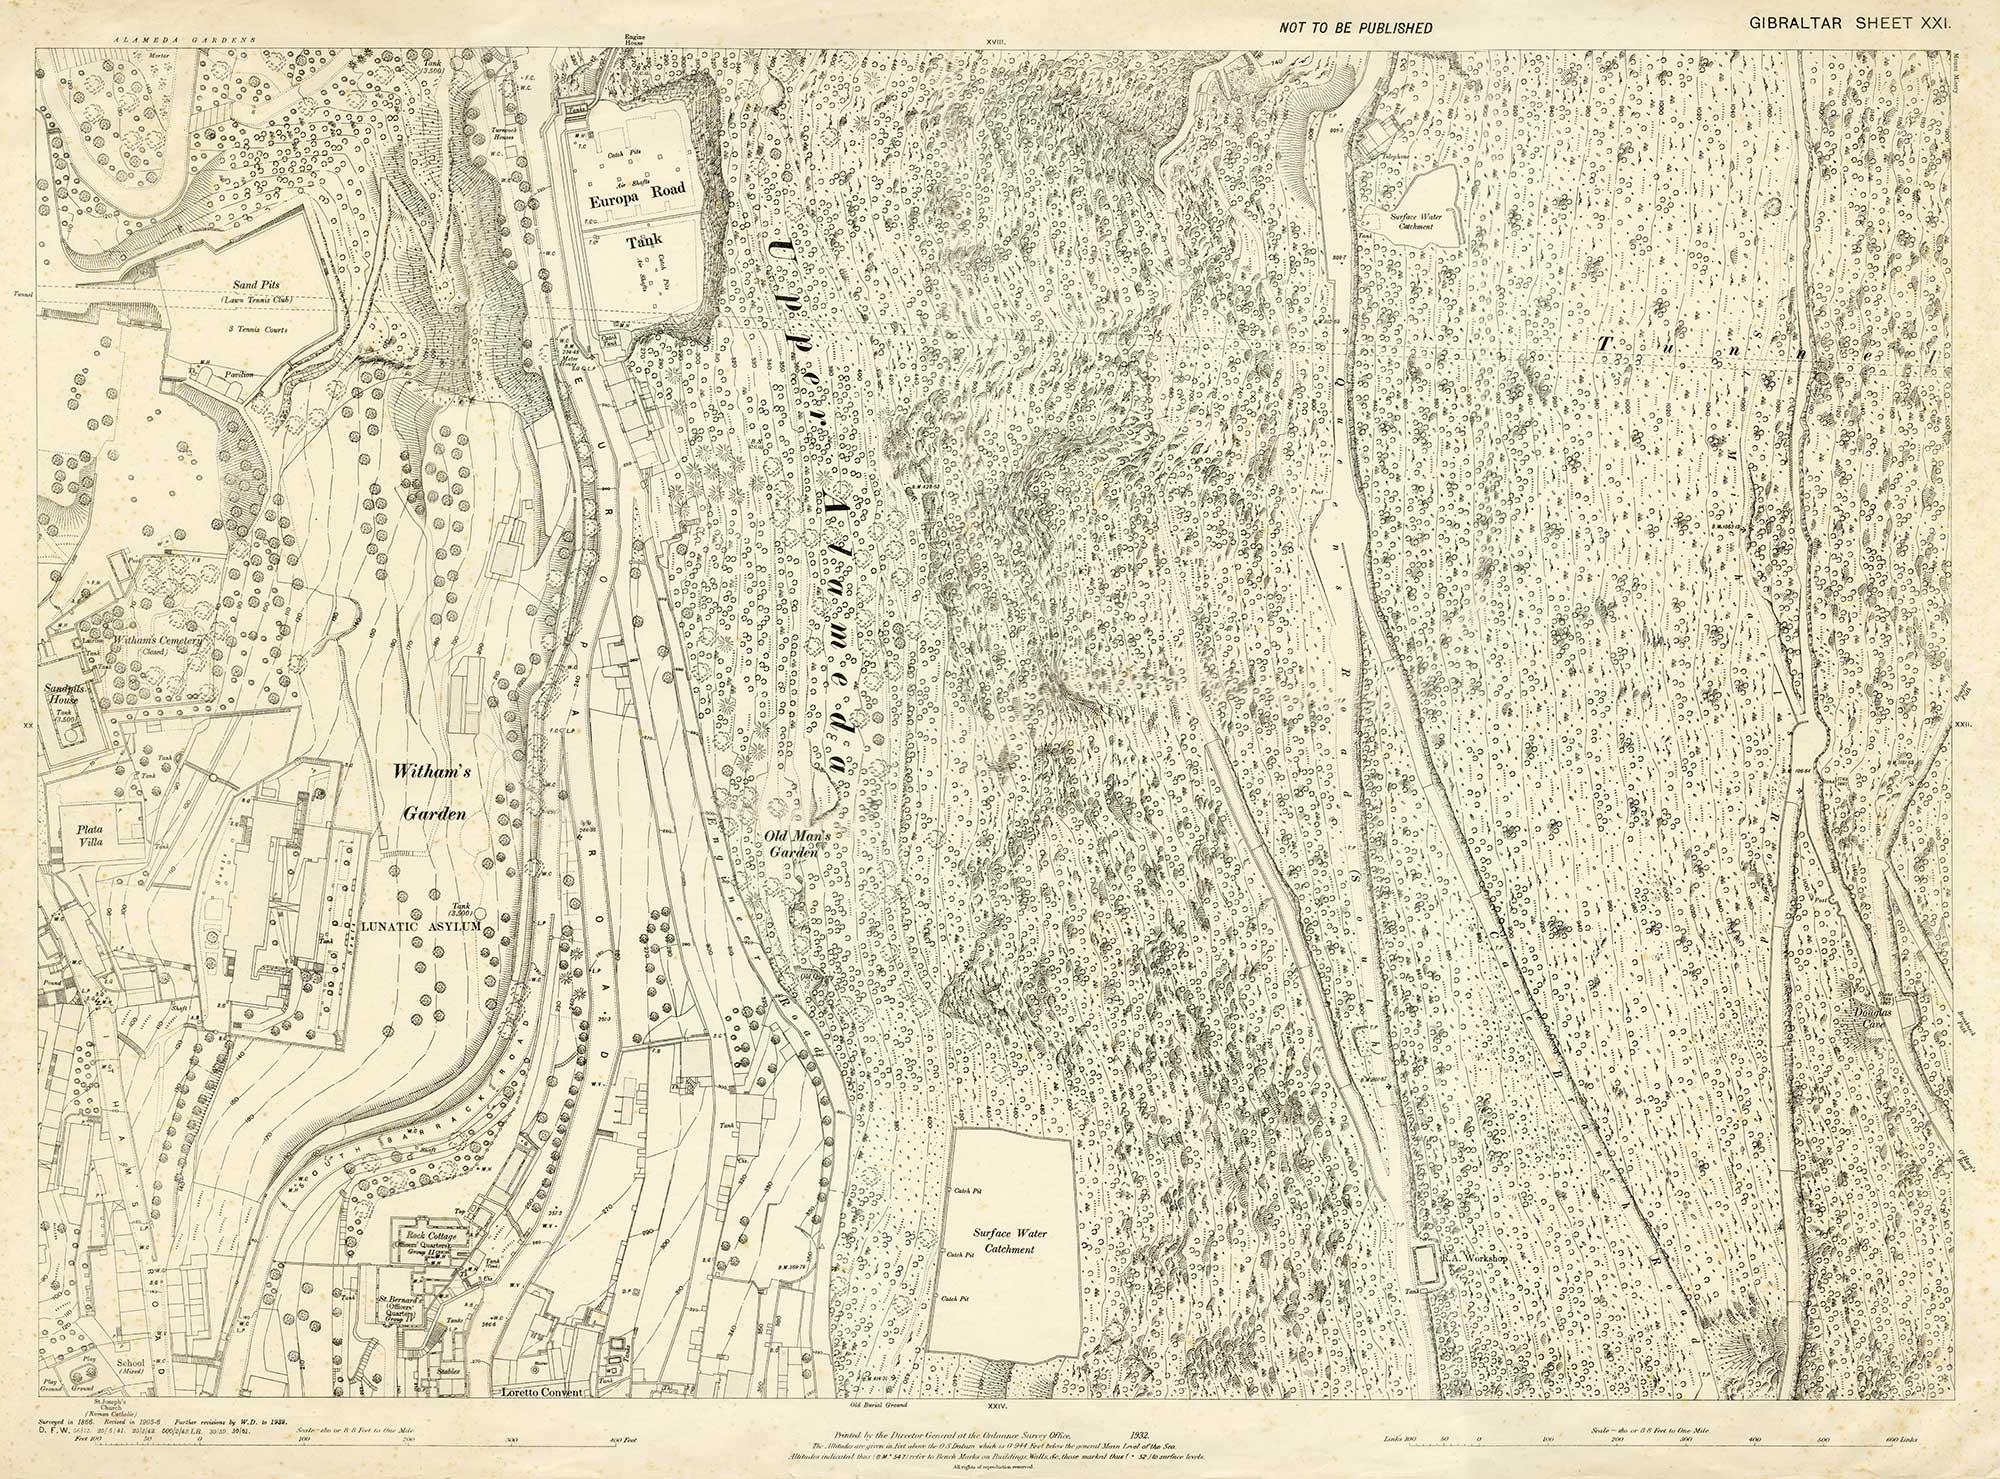 Map-6-sheet-21-Gibraltar-upper-rock-1932